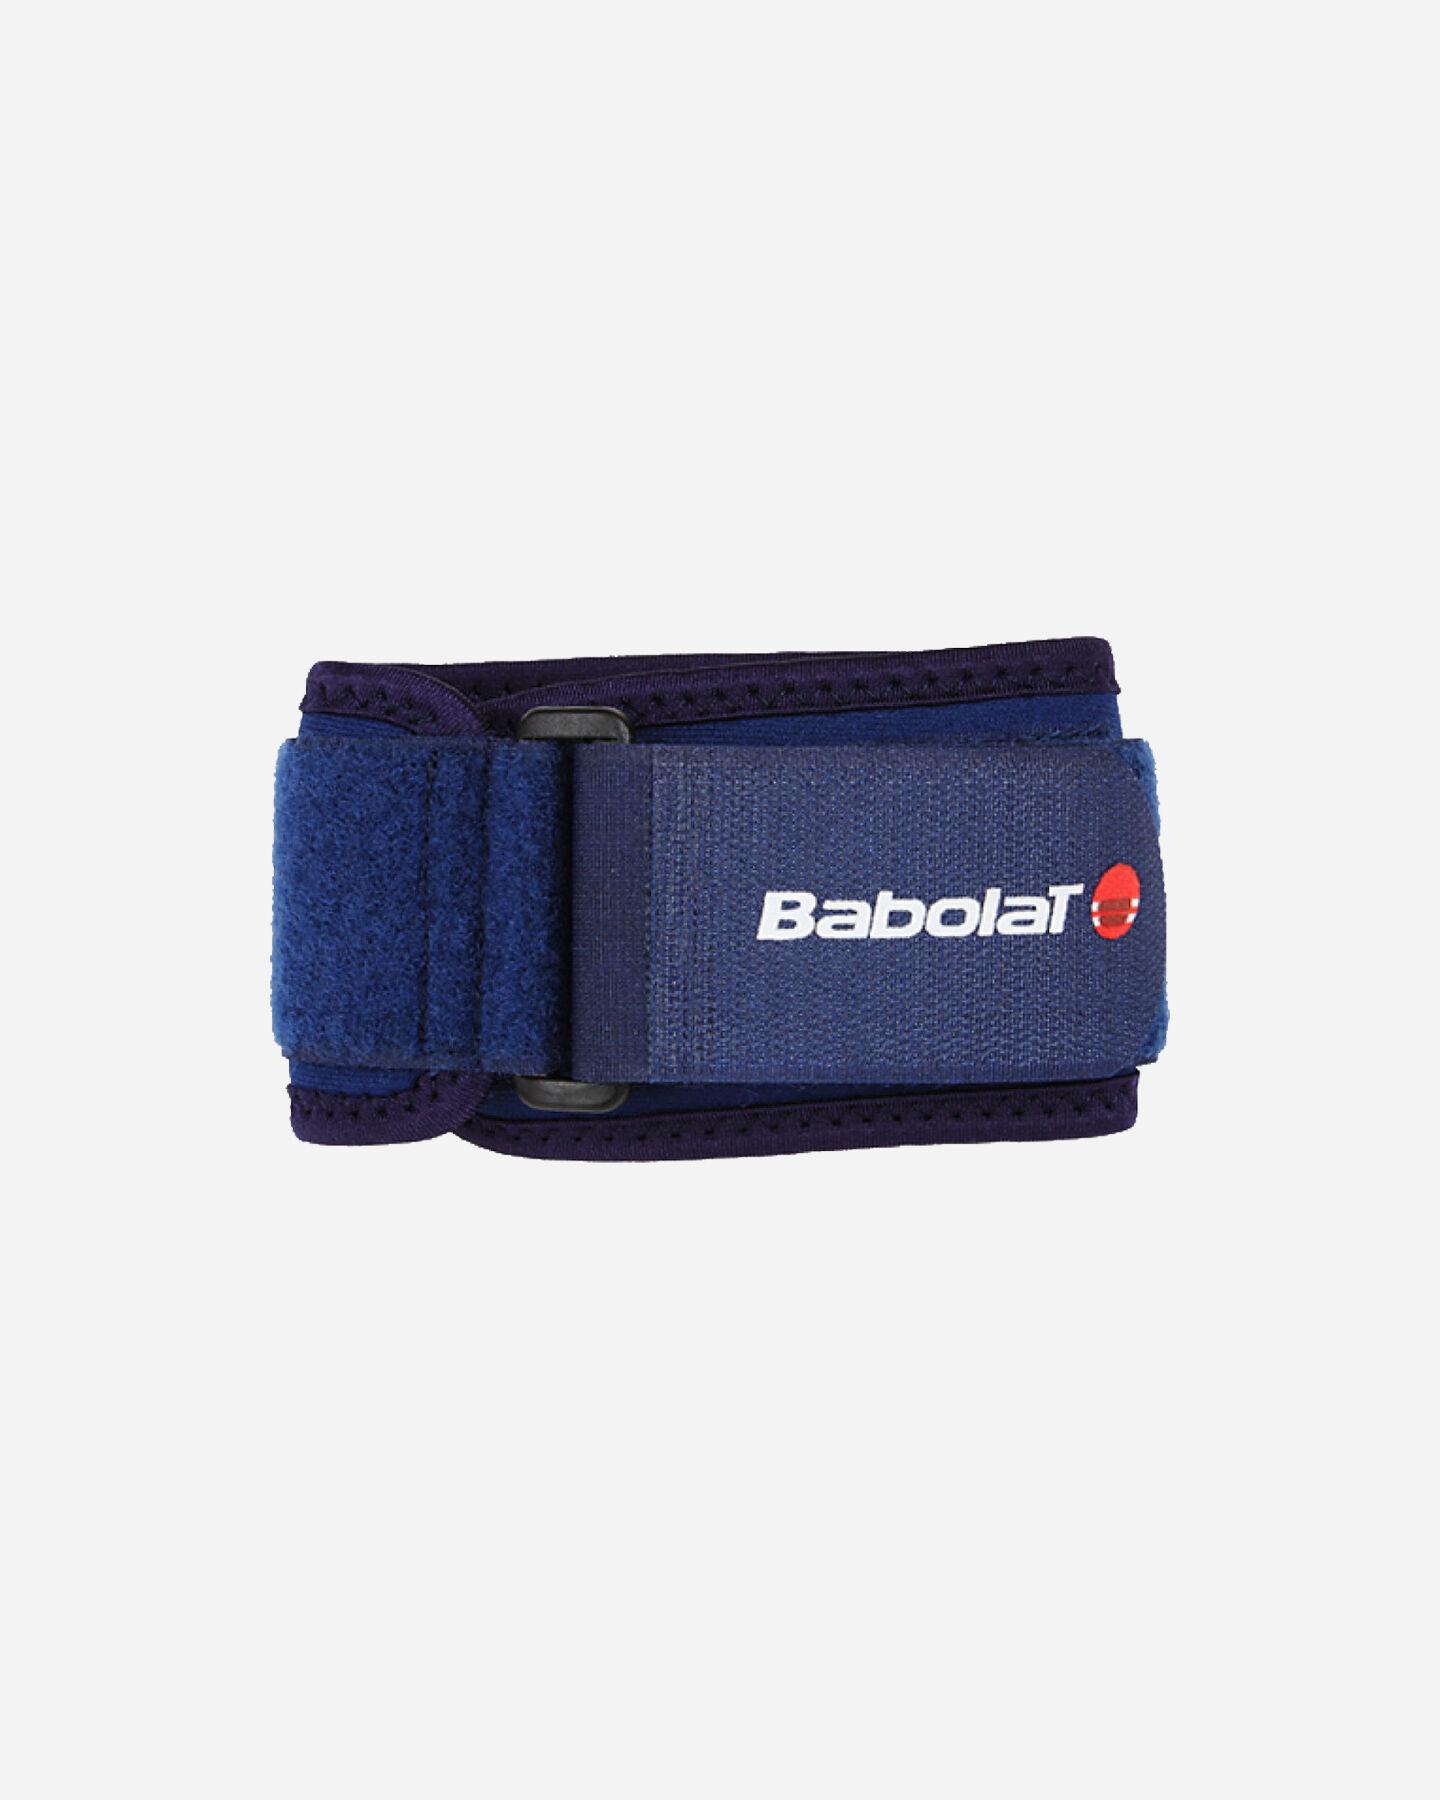 Accessorio tennis BABOLAT ELBOW SUPPORT S0192785 9999 UNI scatto 1